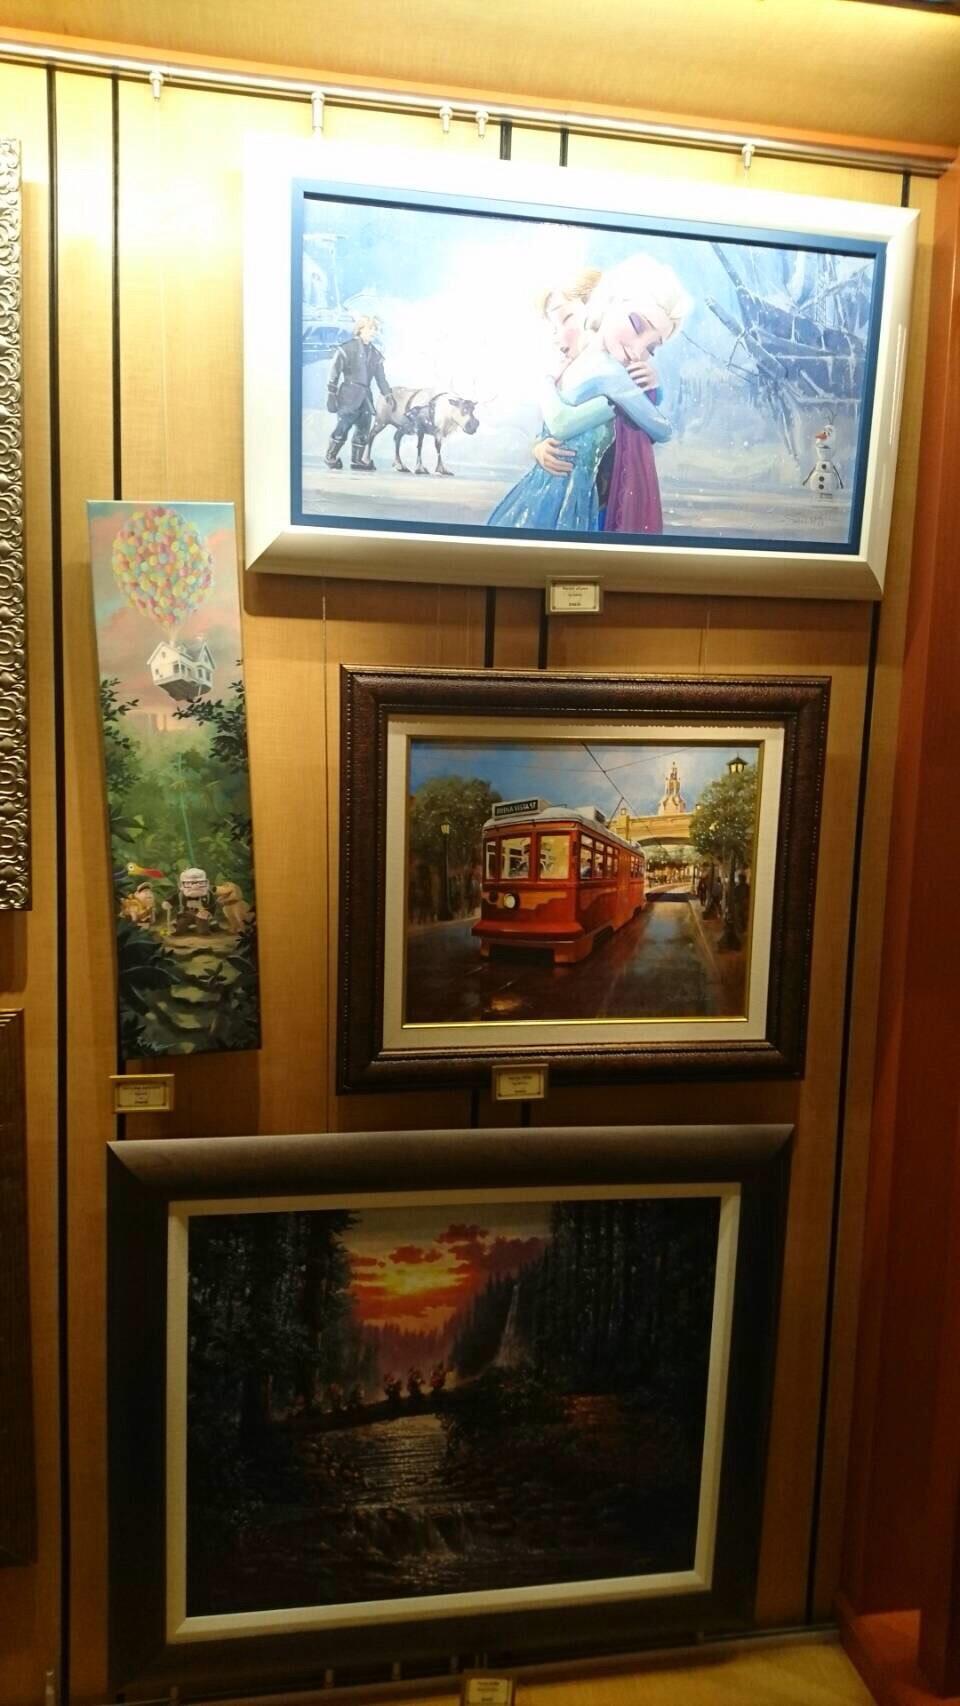 Disneyland ワールドオブディズニー ディズニーギャラリー 絵画 5 201609